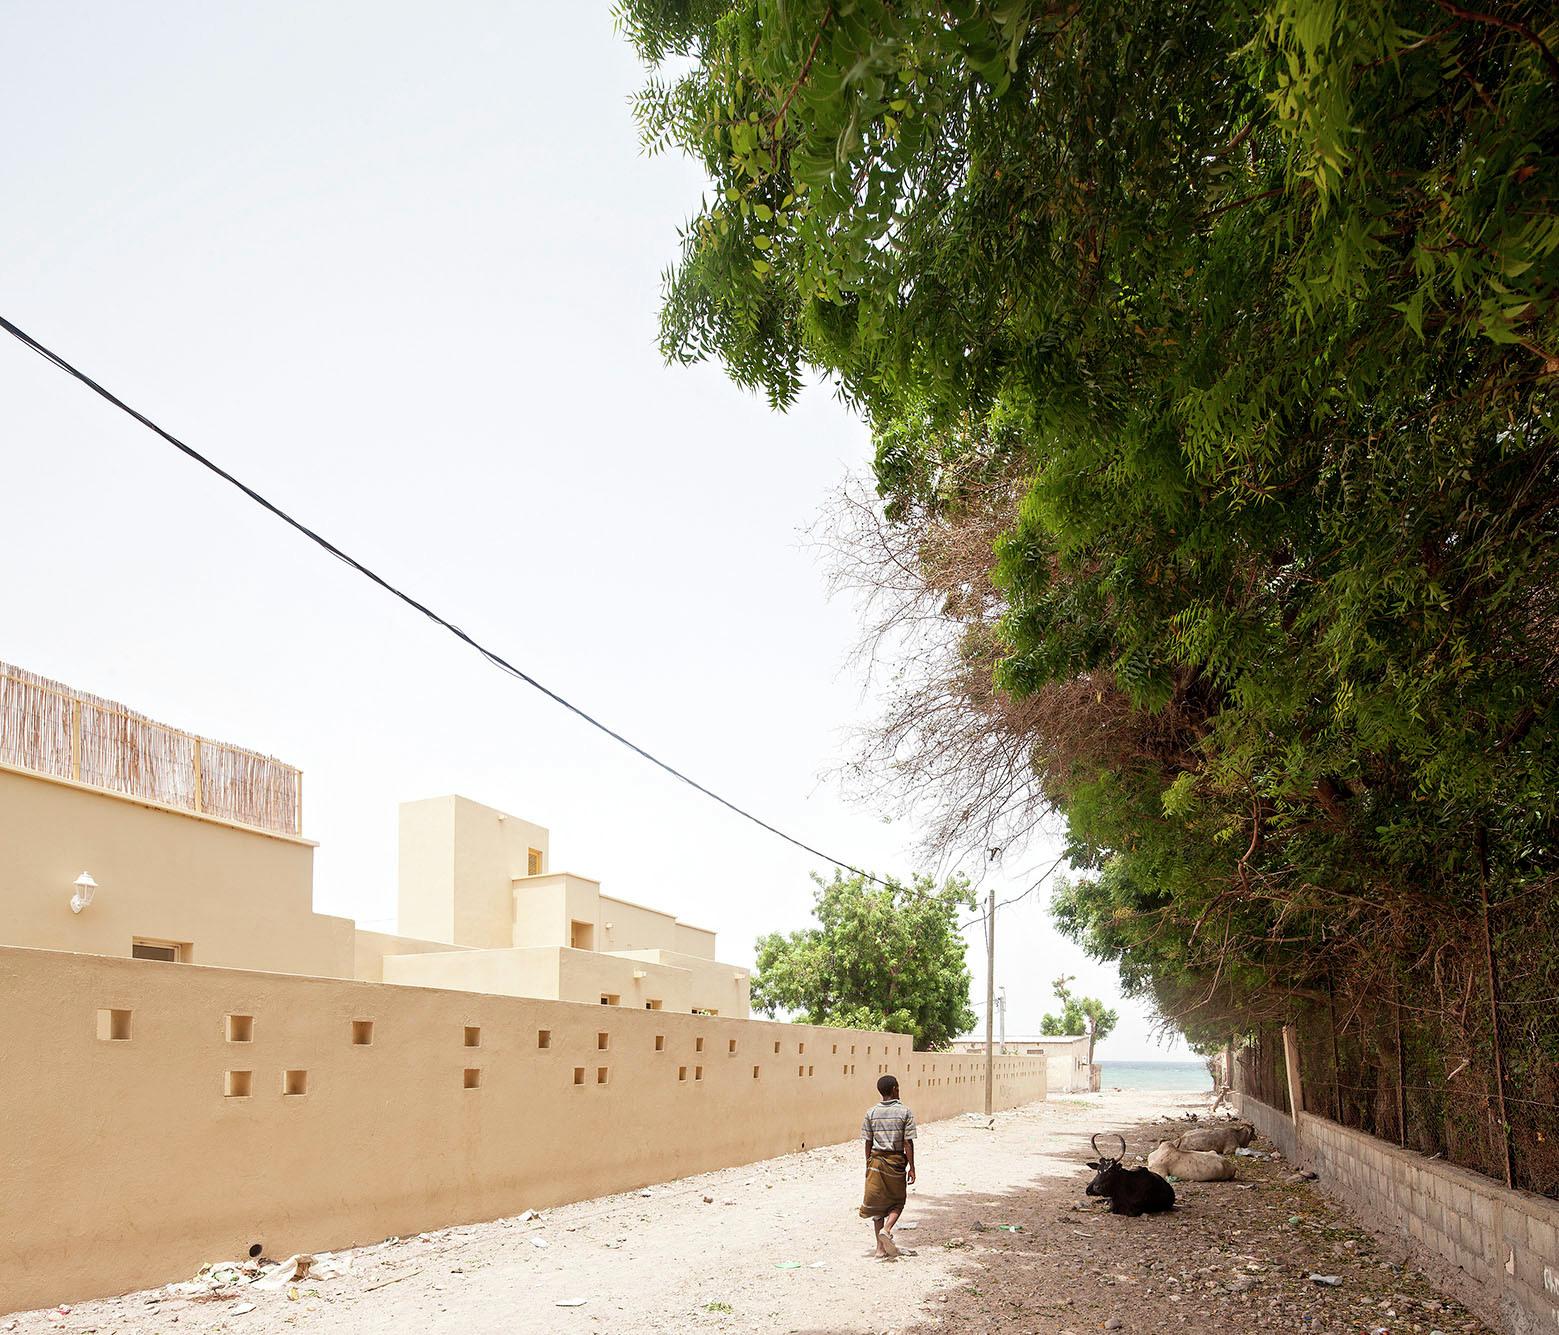 SOS_Village_Djibouti_-_Facade_(7)_copy.jpg